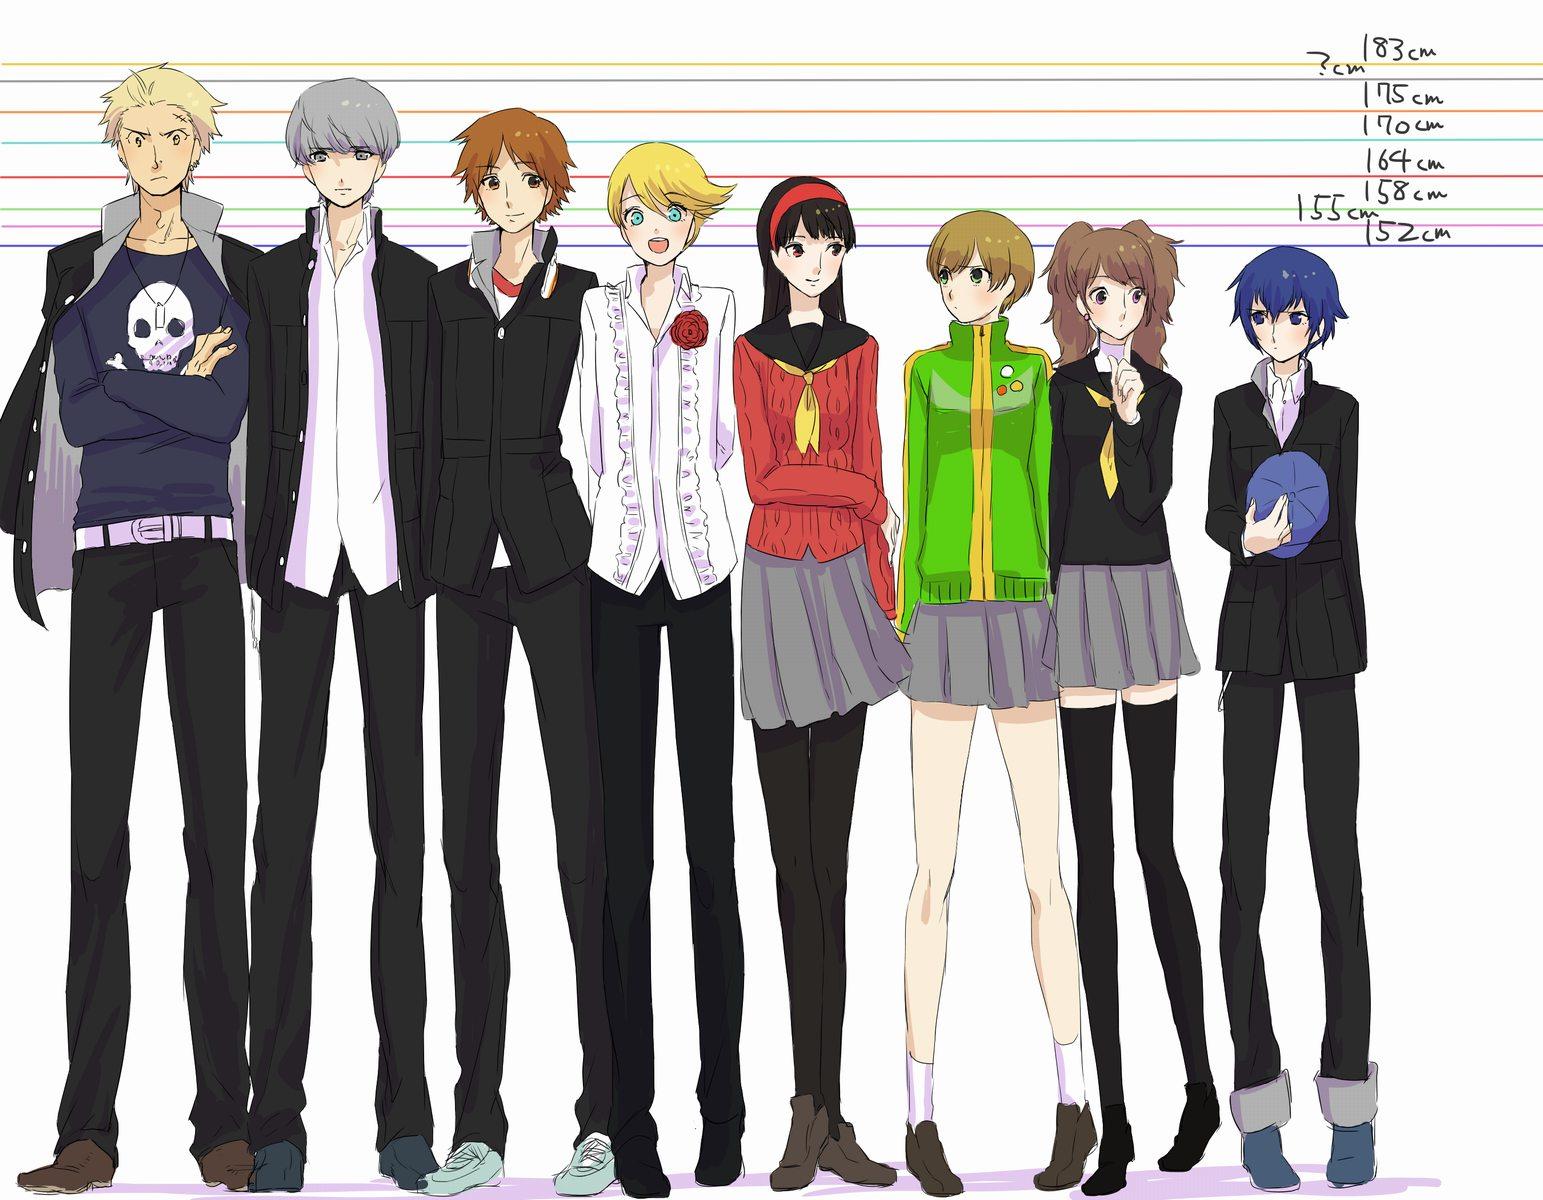 Persona 4 Cute Chie Wallpaper Shin Megami Tensei Persona 4 1222983 Zerochan